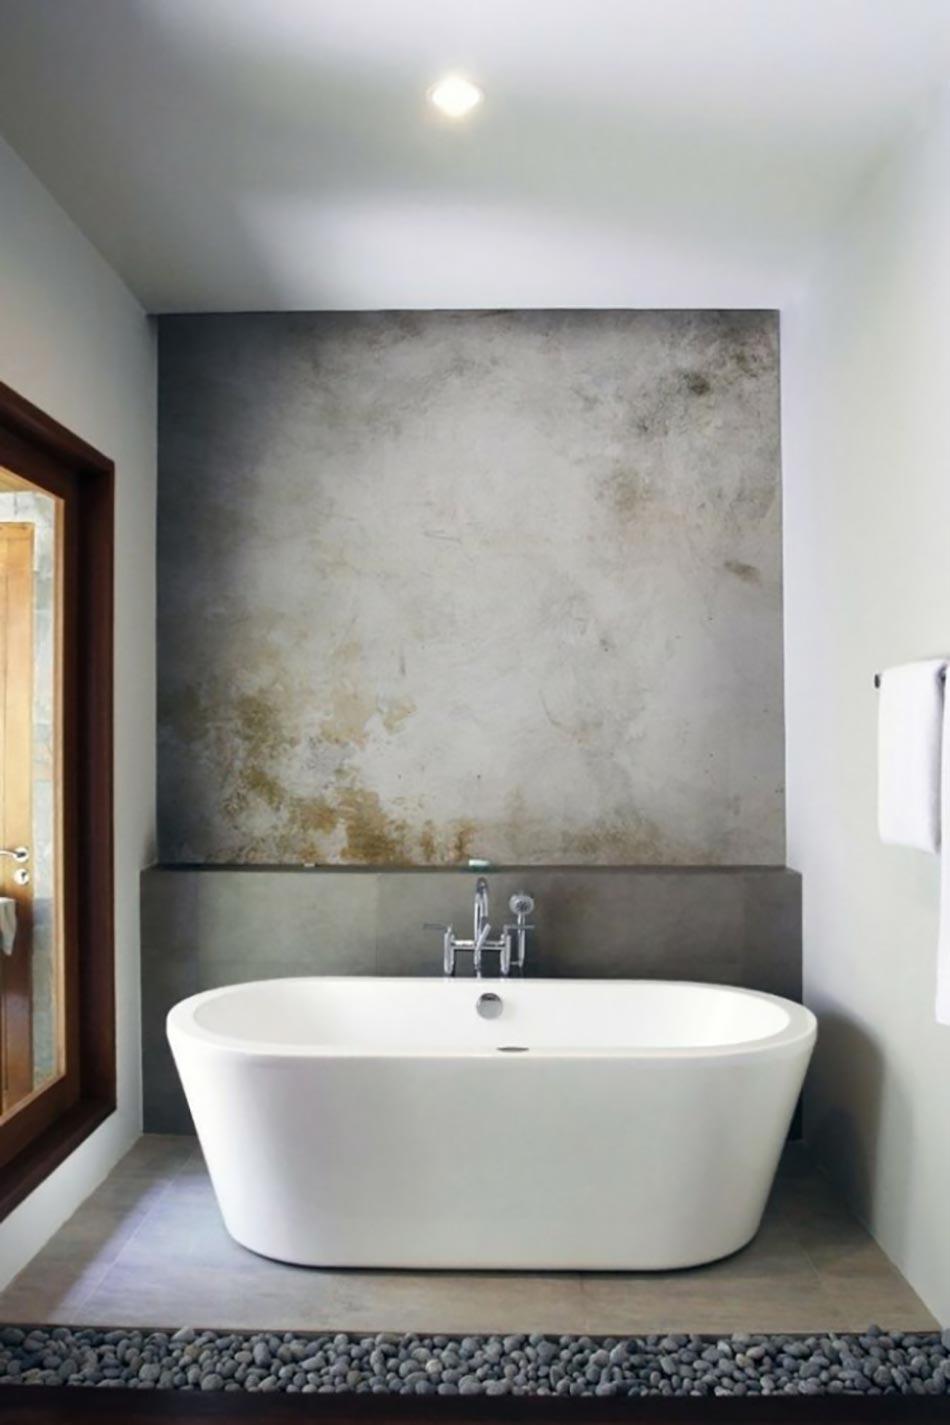 16 id es b ton pour des salles de bain design. Black Bedroom Furniture Sets. Home Design Ideas